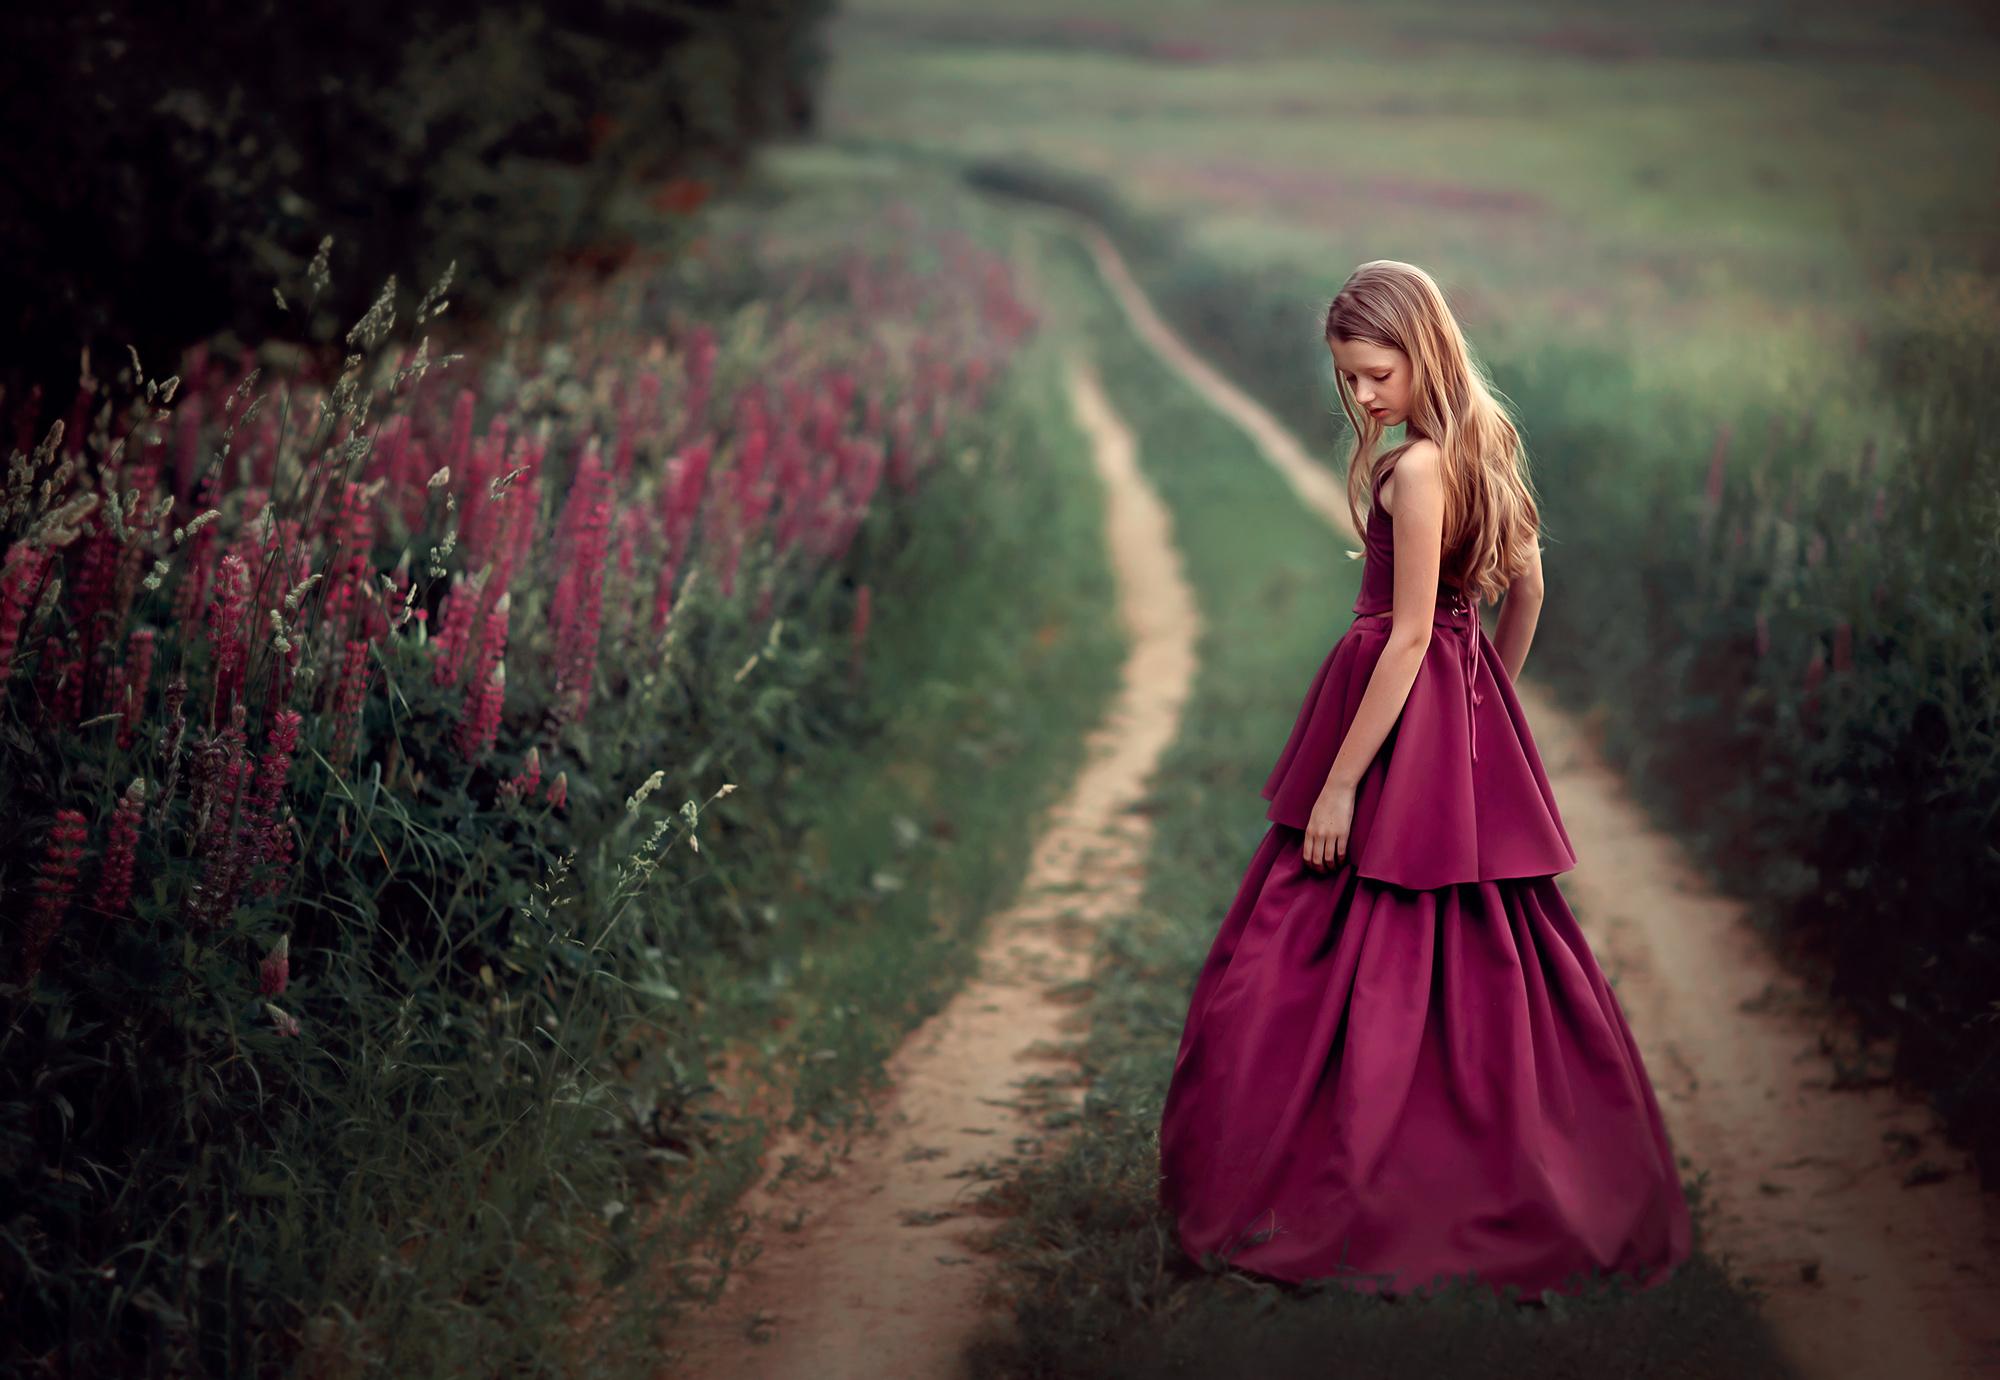 девушка на природе. фотосессия в поле